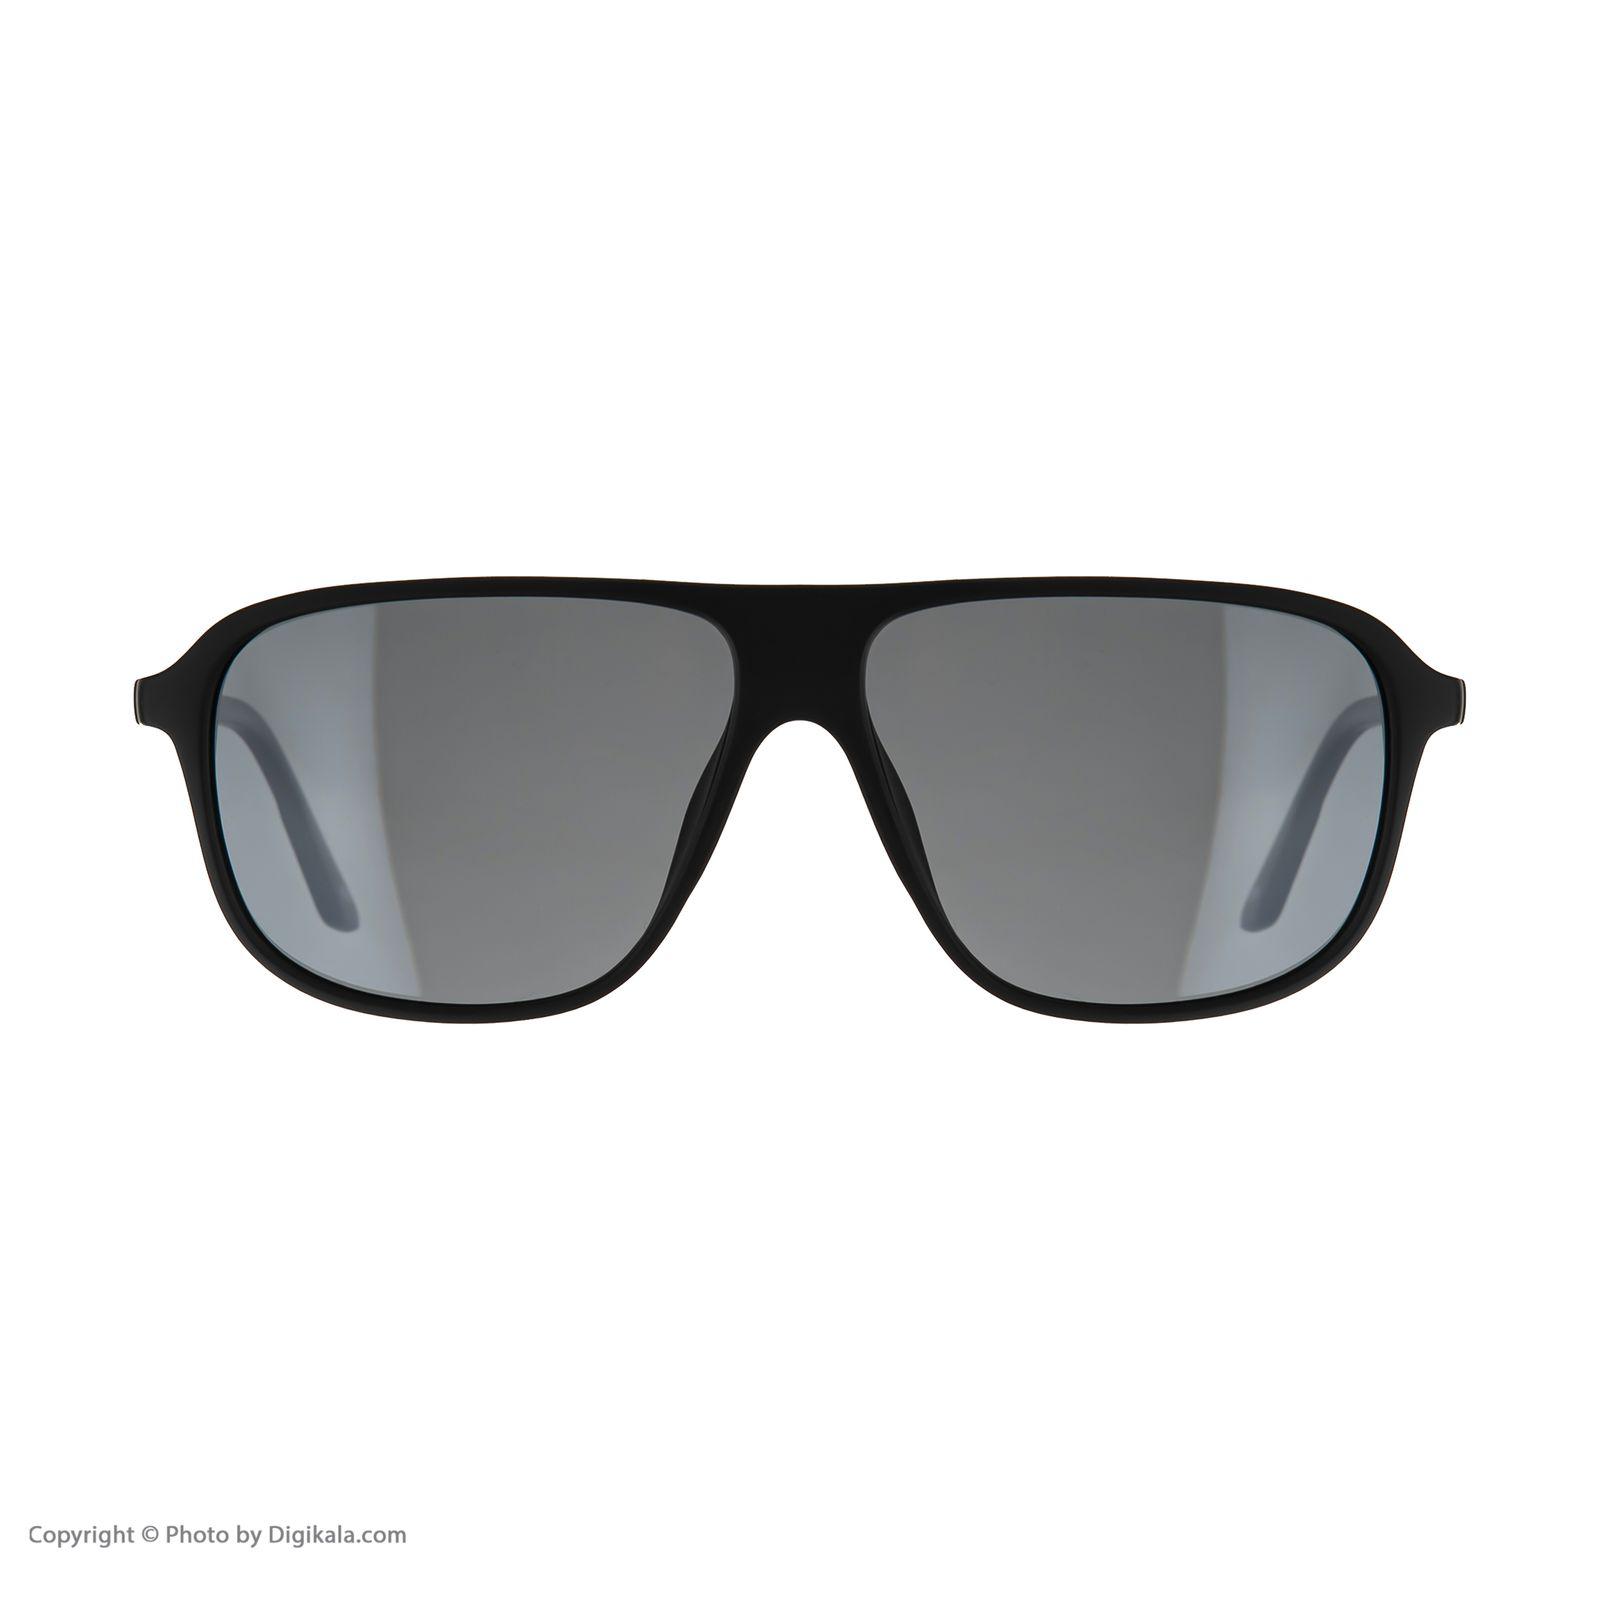 عینک آفتابی موآیور مدل 2481 c -  - 3